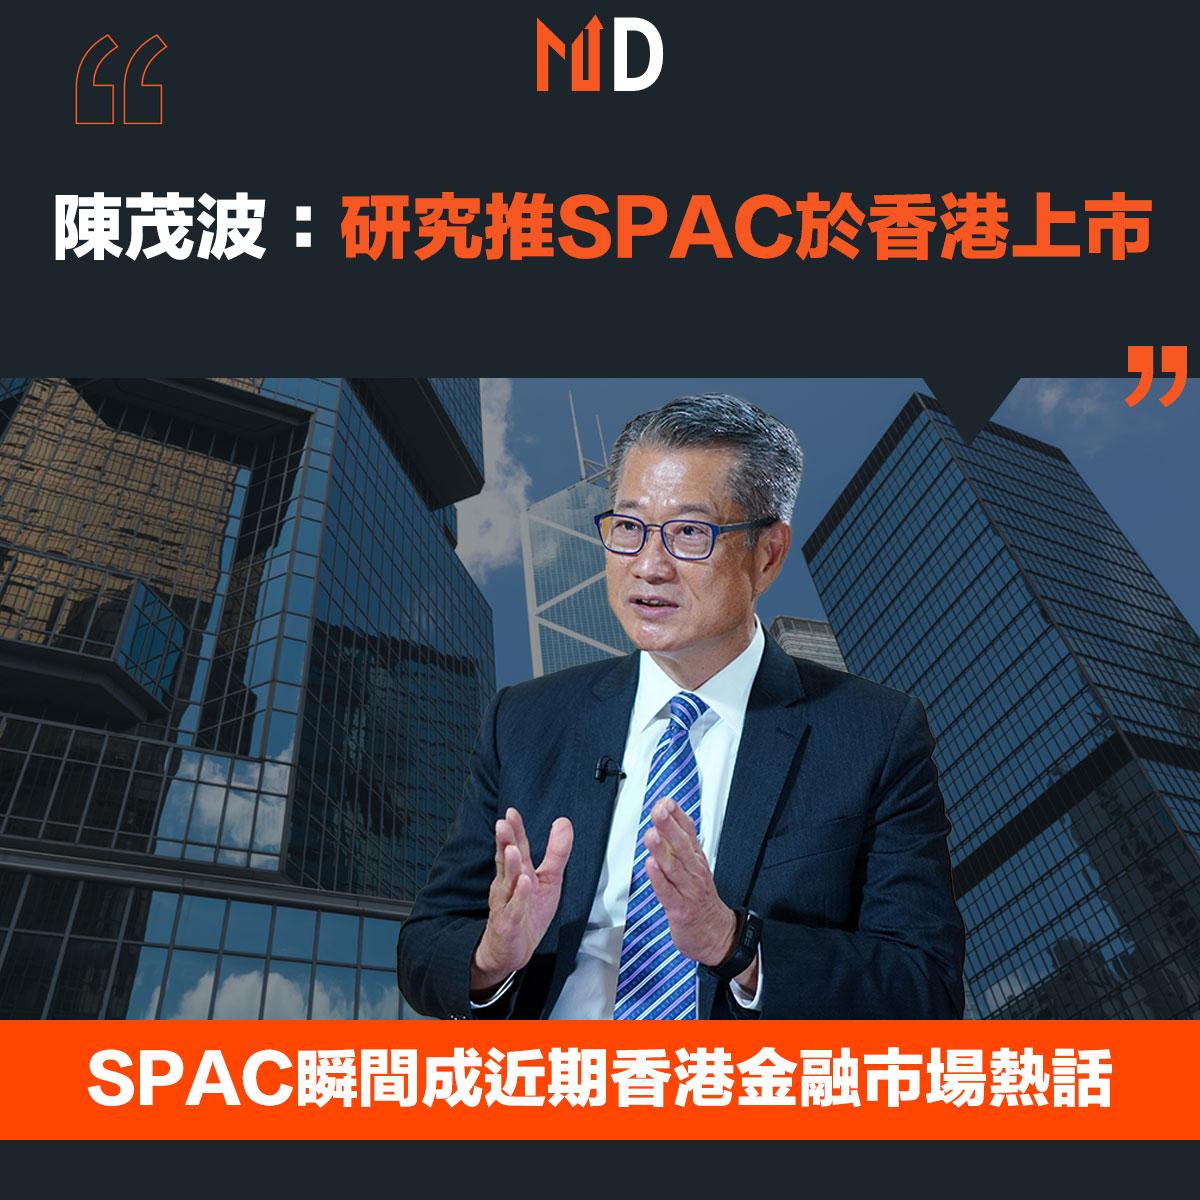 陳茂波:研究推SPAC於香港上市